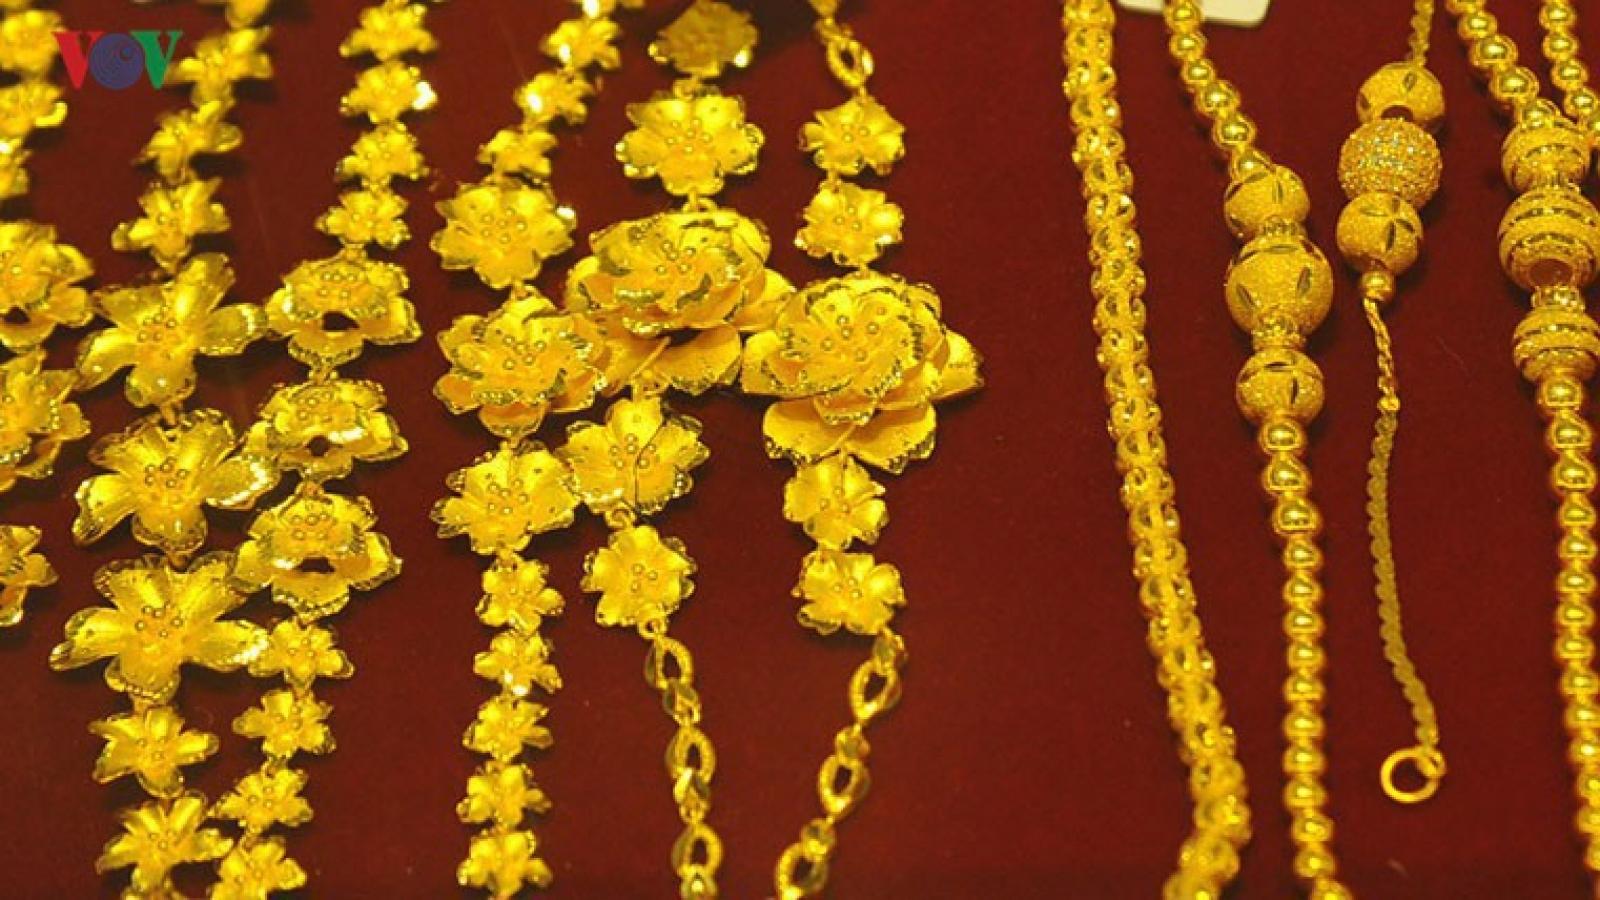 Giá vàng thế giới thấp hơn giá vàng SJC hơn 1 triệu đồng/lượng